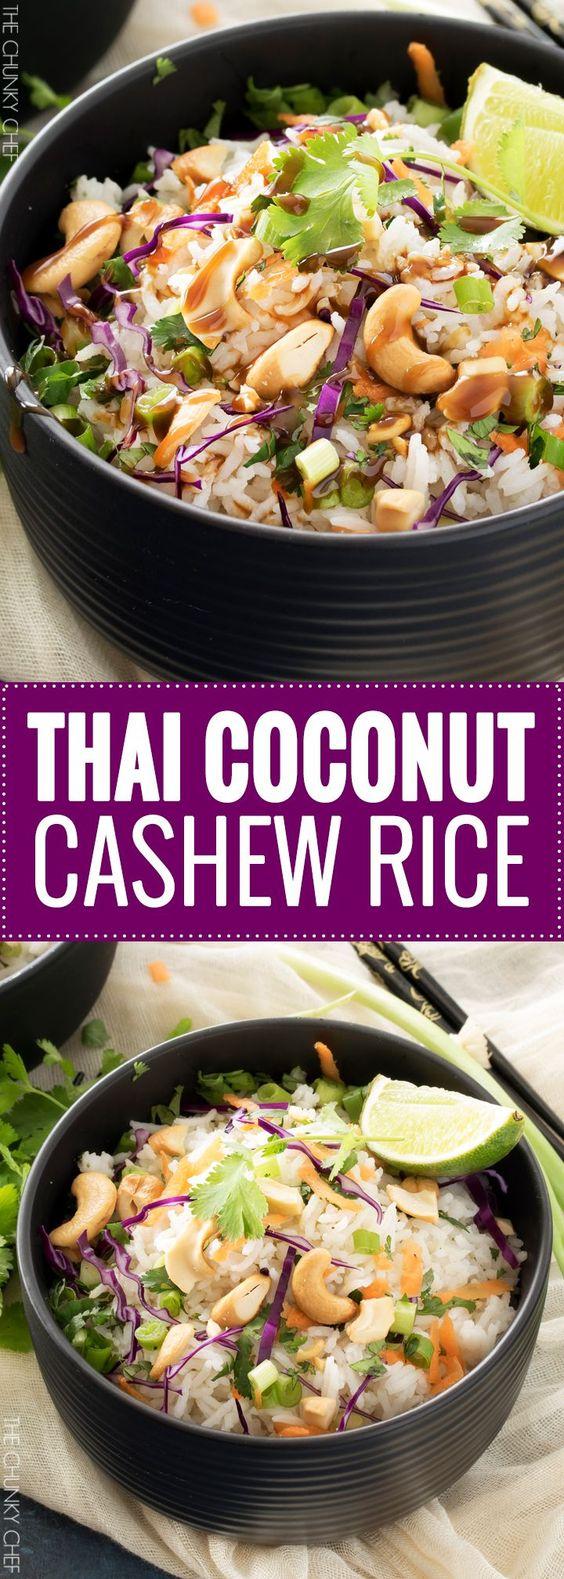 THAI COCONUT CASHEW RICE